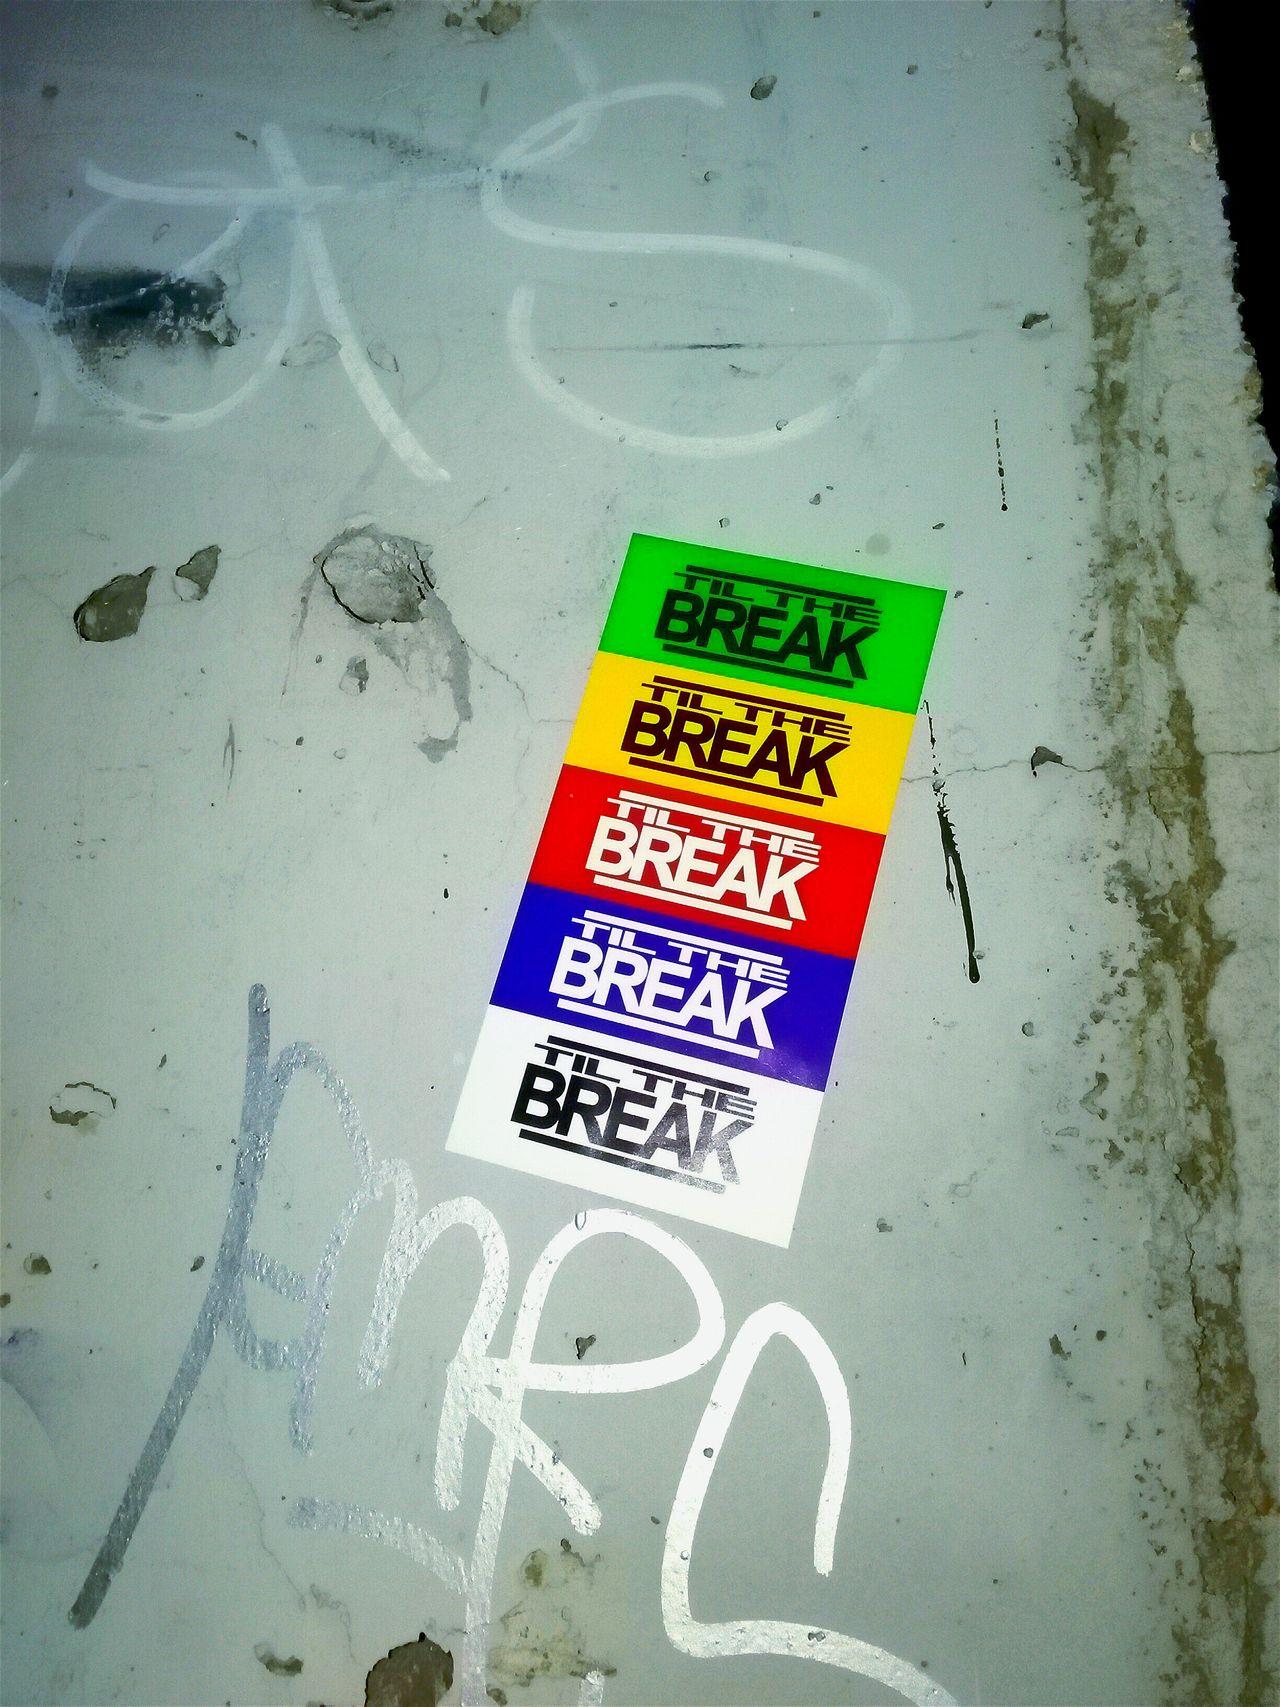 Sticker Graffiti Wall Tagging Streetart/graffiti Urban Tagging 'til The Break Graffiti Stickerporn Stickerseverywhere Stickers Graffitiporn Sticker Wall Stickerwall Sticker Slapper Stickerslapper Stickerama Stickerslappin Stickered Sticker It Stickerfest Stickers Stickers Stickers Stickerslap Stickers And Stickers Stickerbomb Stickerslaps